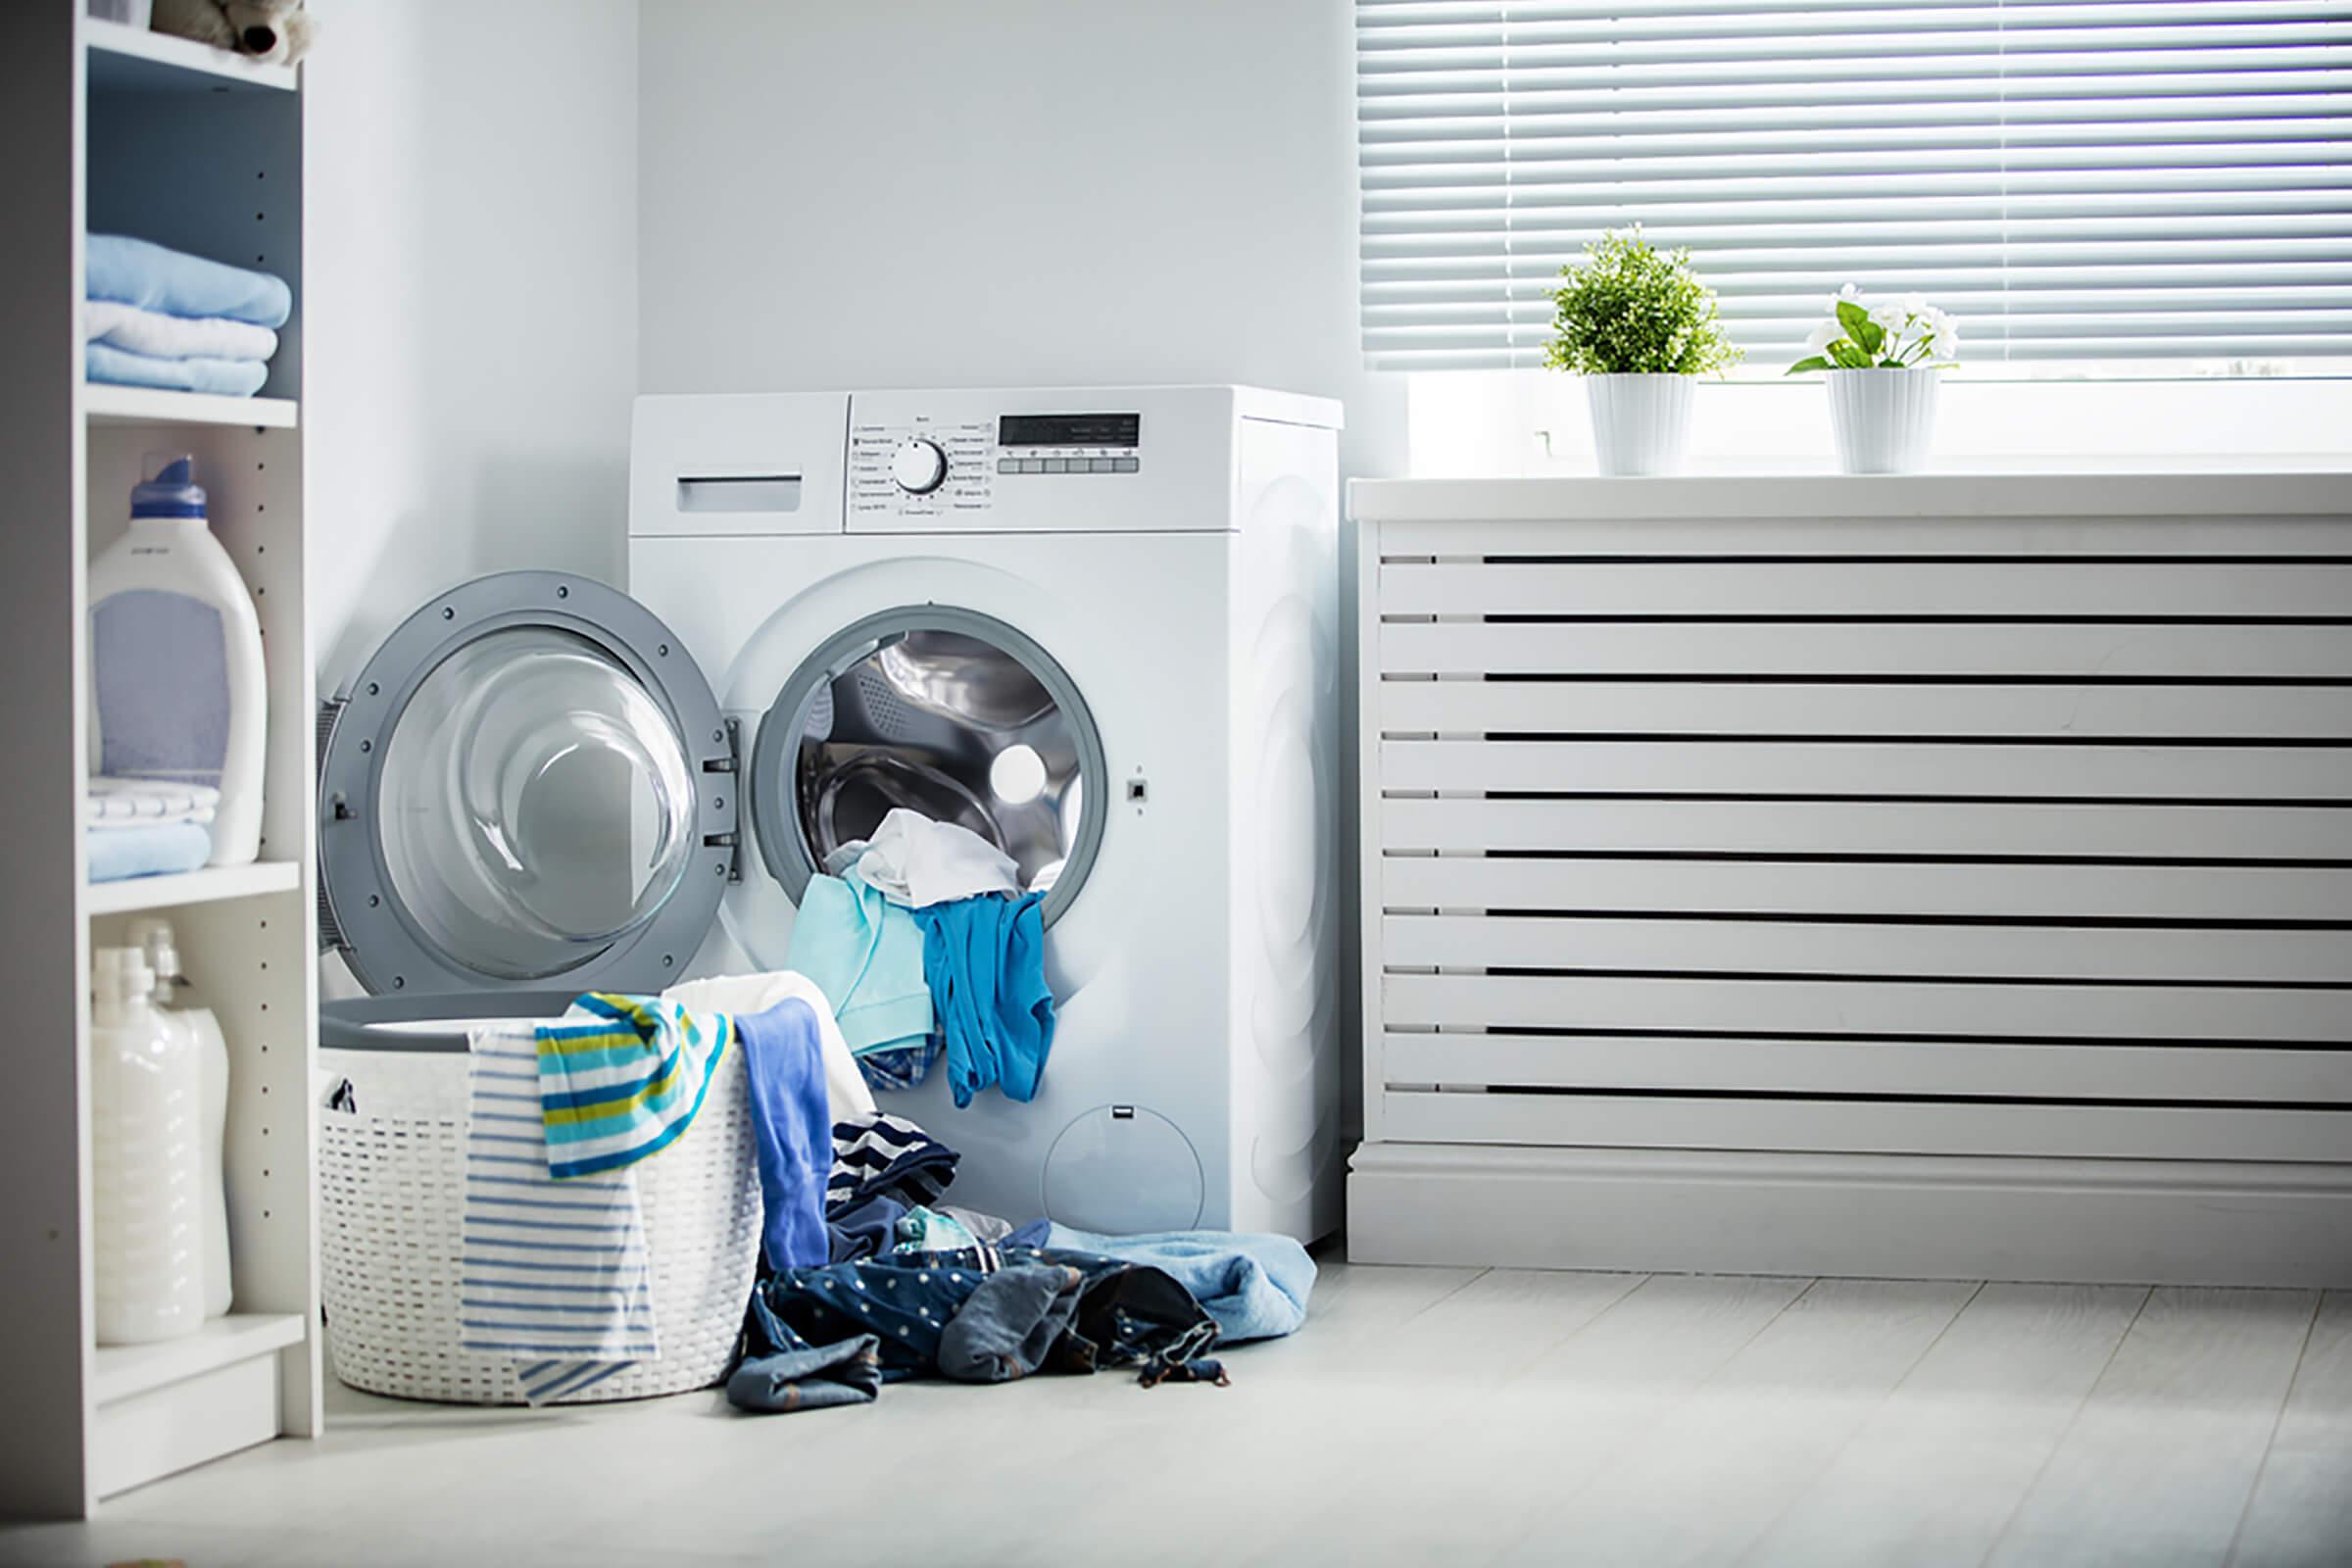 Decoração da lavanderia: 8 ideias maravilhosas + inspirações!